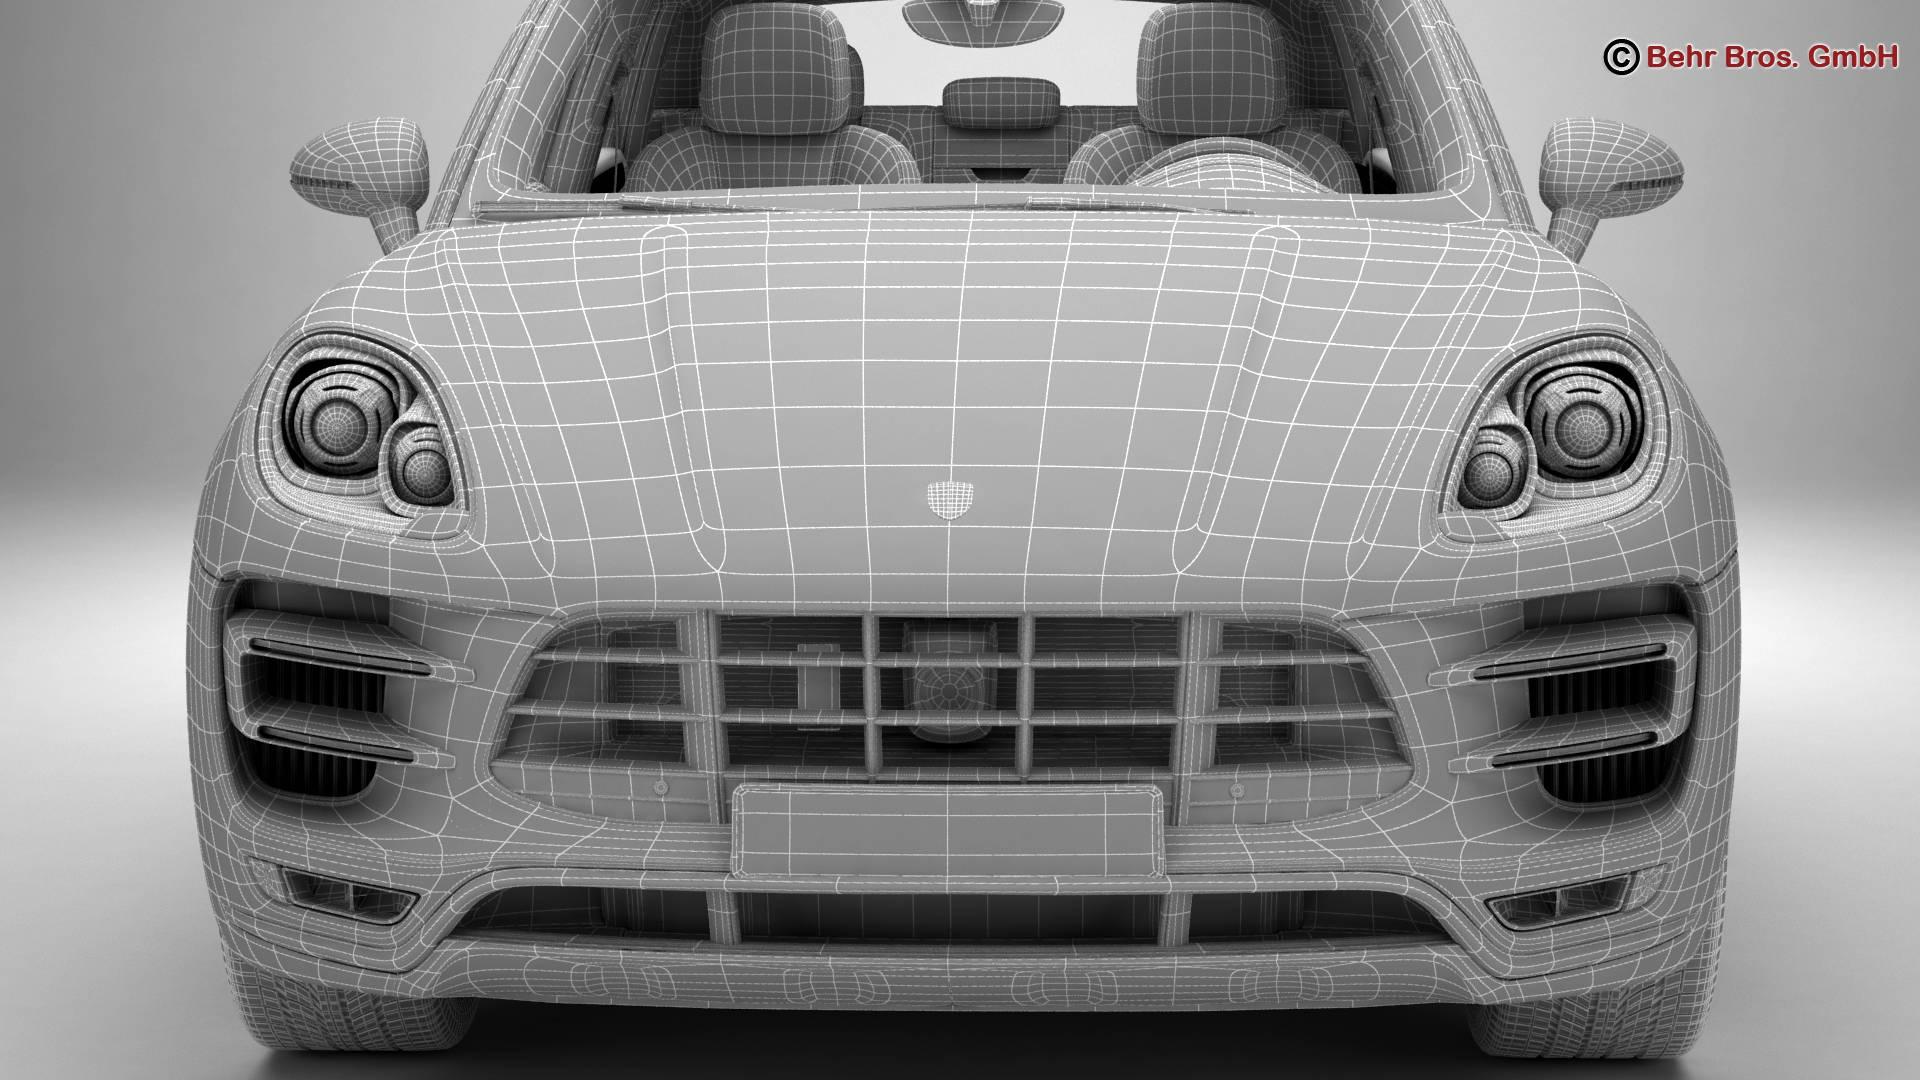 Porsche Macan Turbo 2015 3D Model – Buy Porsche Macan Turbo 2015 on